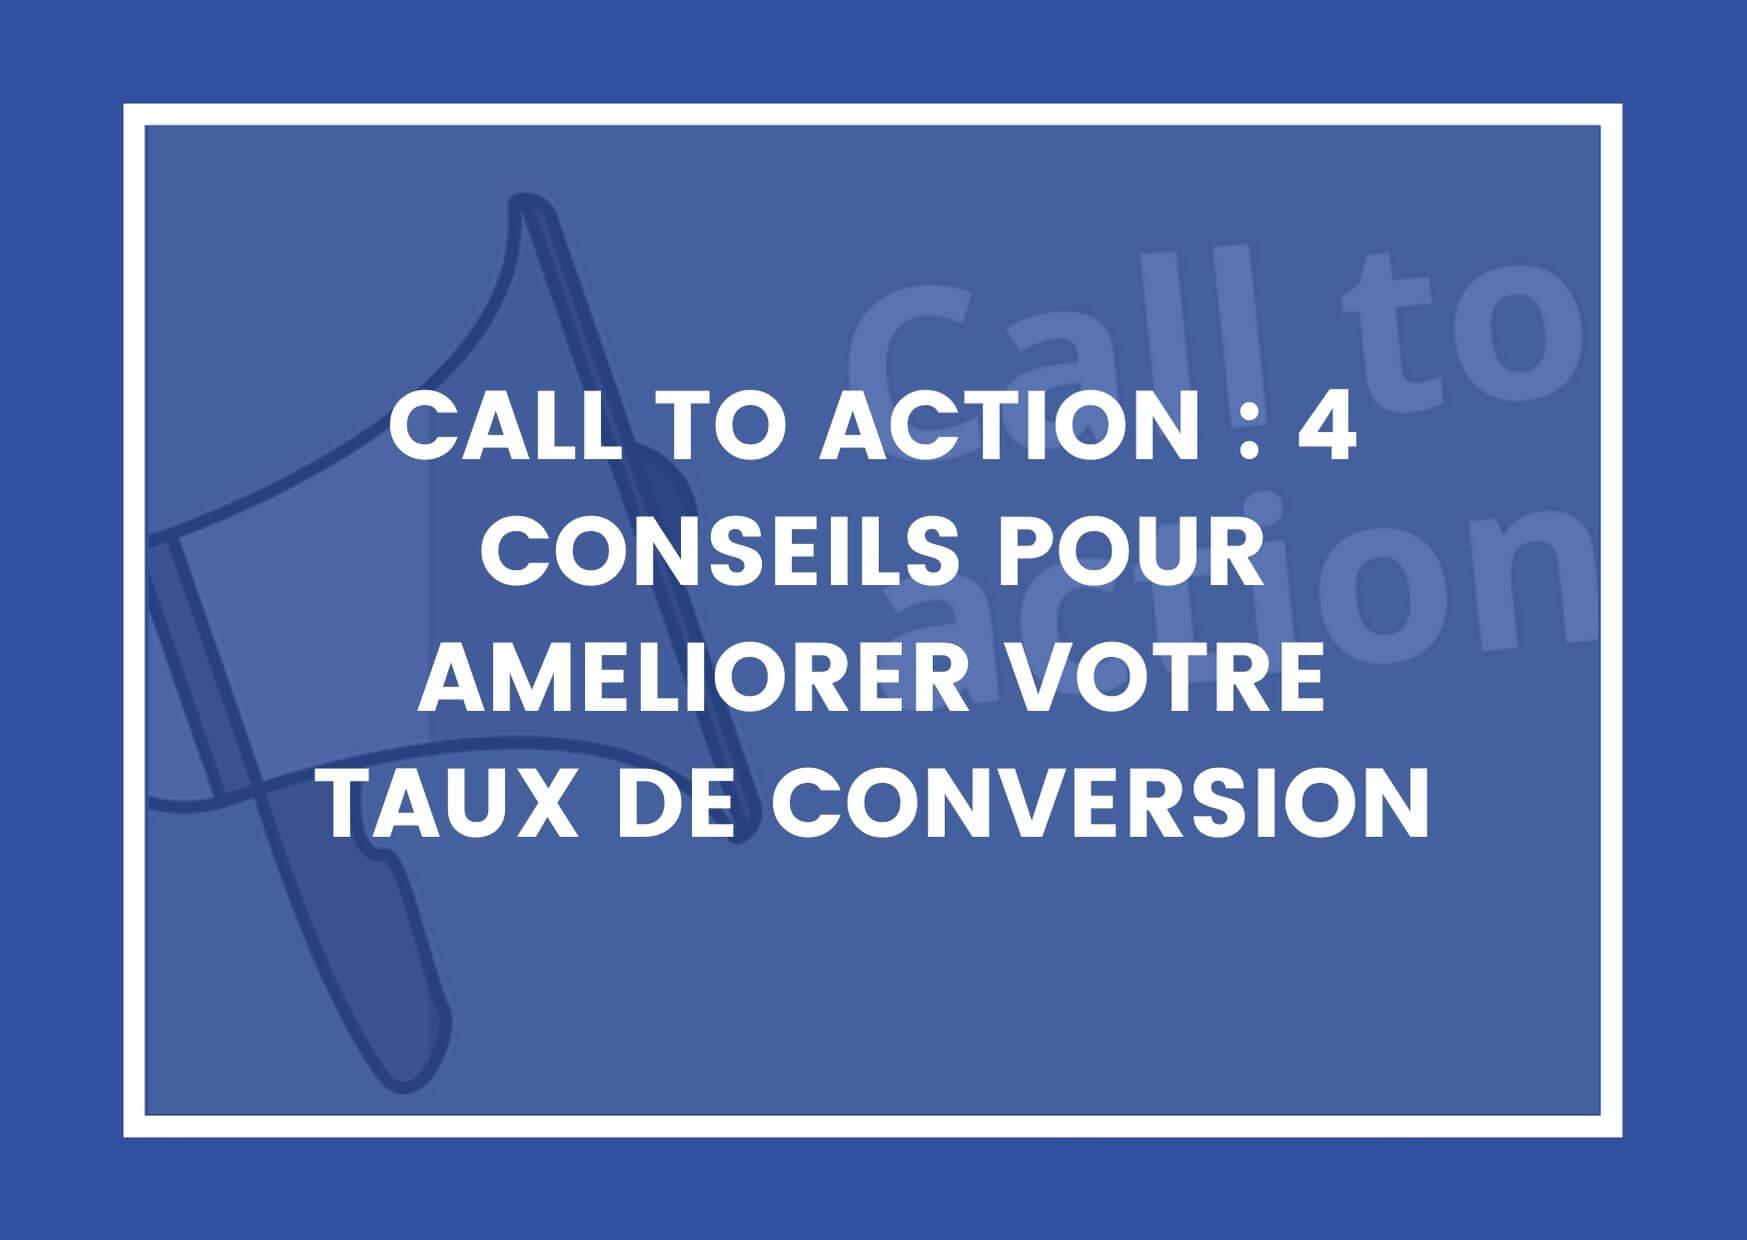 CALL TO ACTION : 4 CONSEILS POUR AMELIORER VOTRE TAUX DE CONVERSION